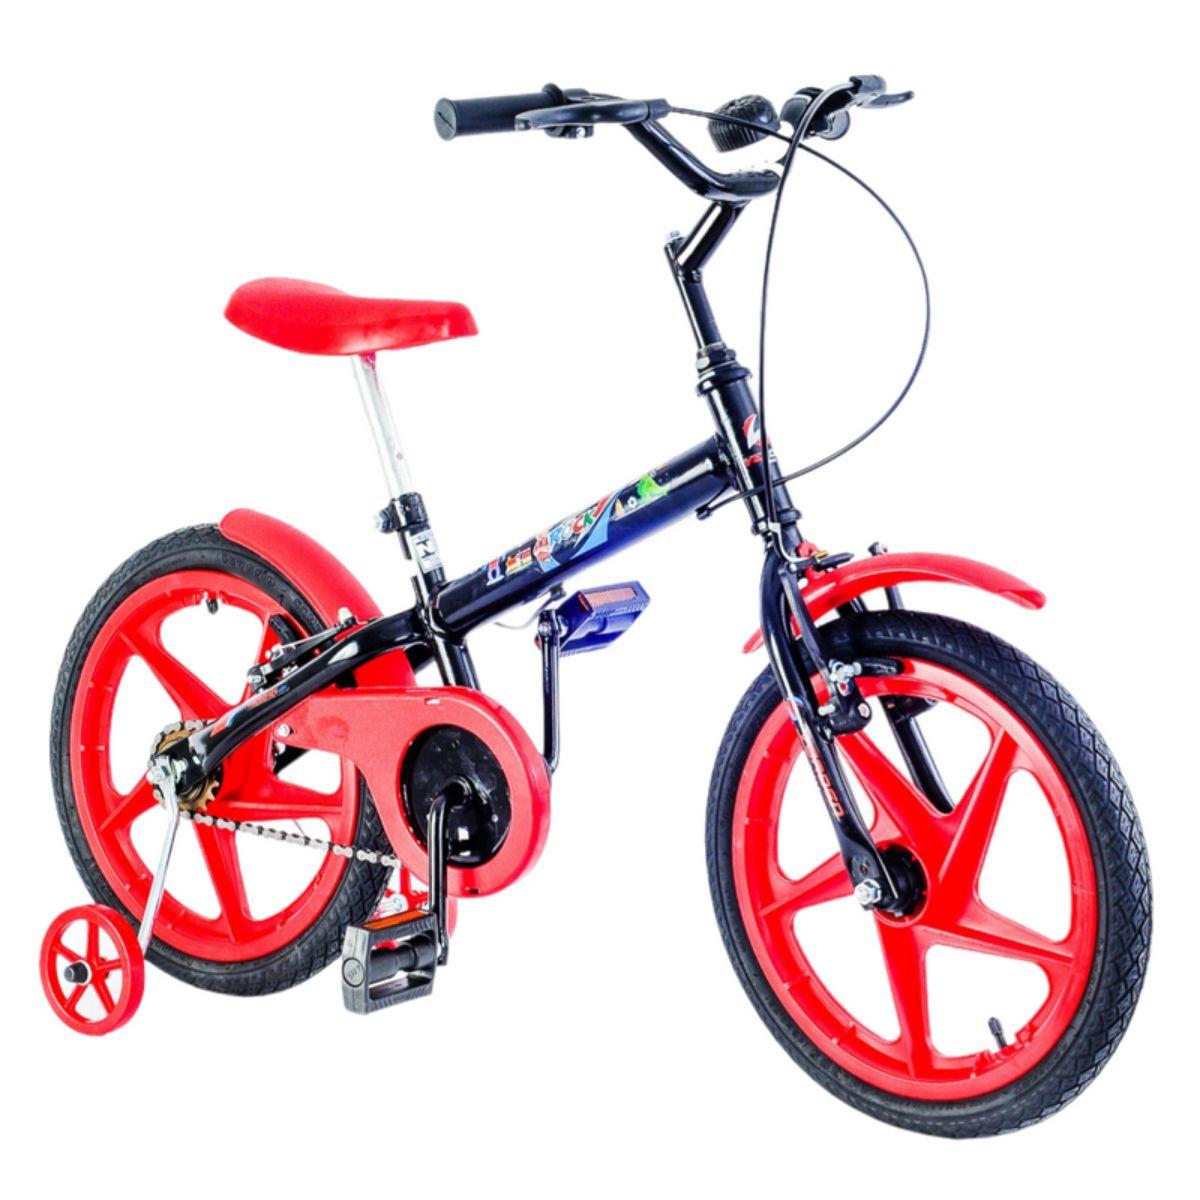 Bicicleta Infantil Rock Preta e Vermelha Aro 16 com rodinha